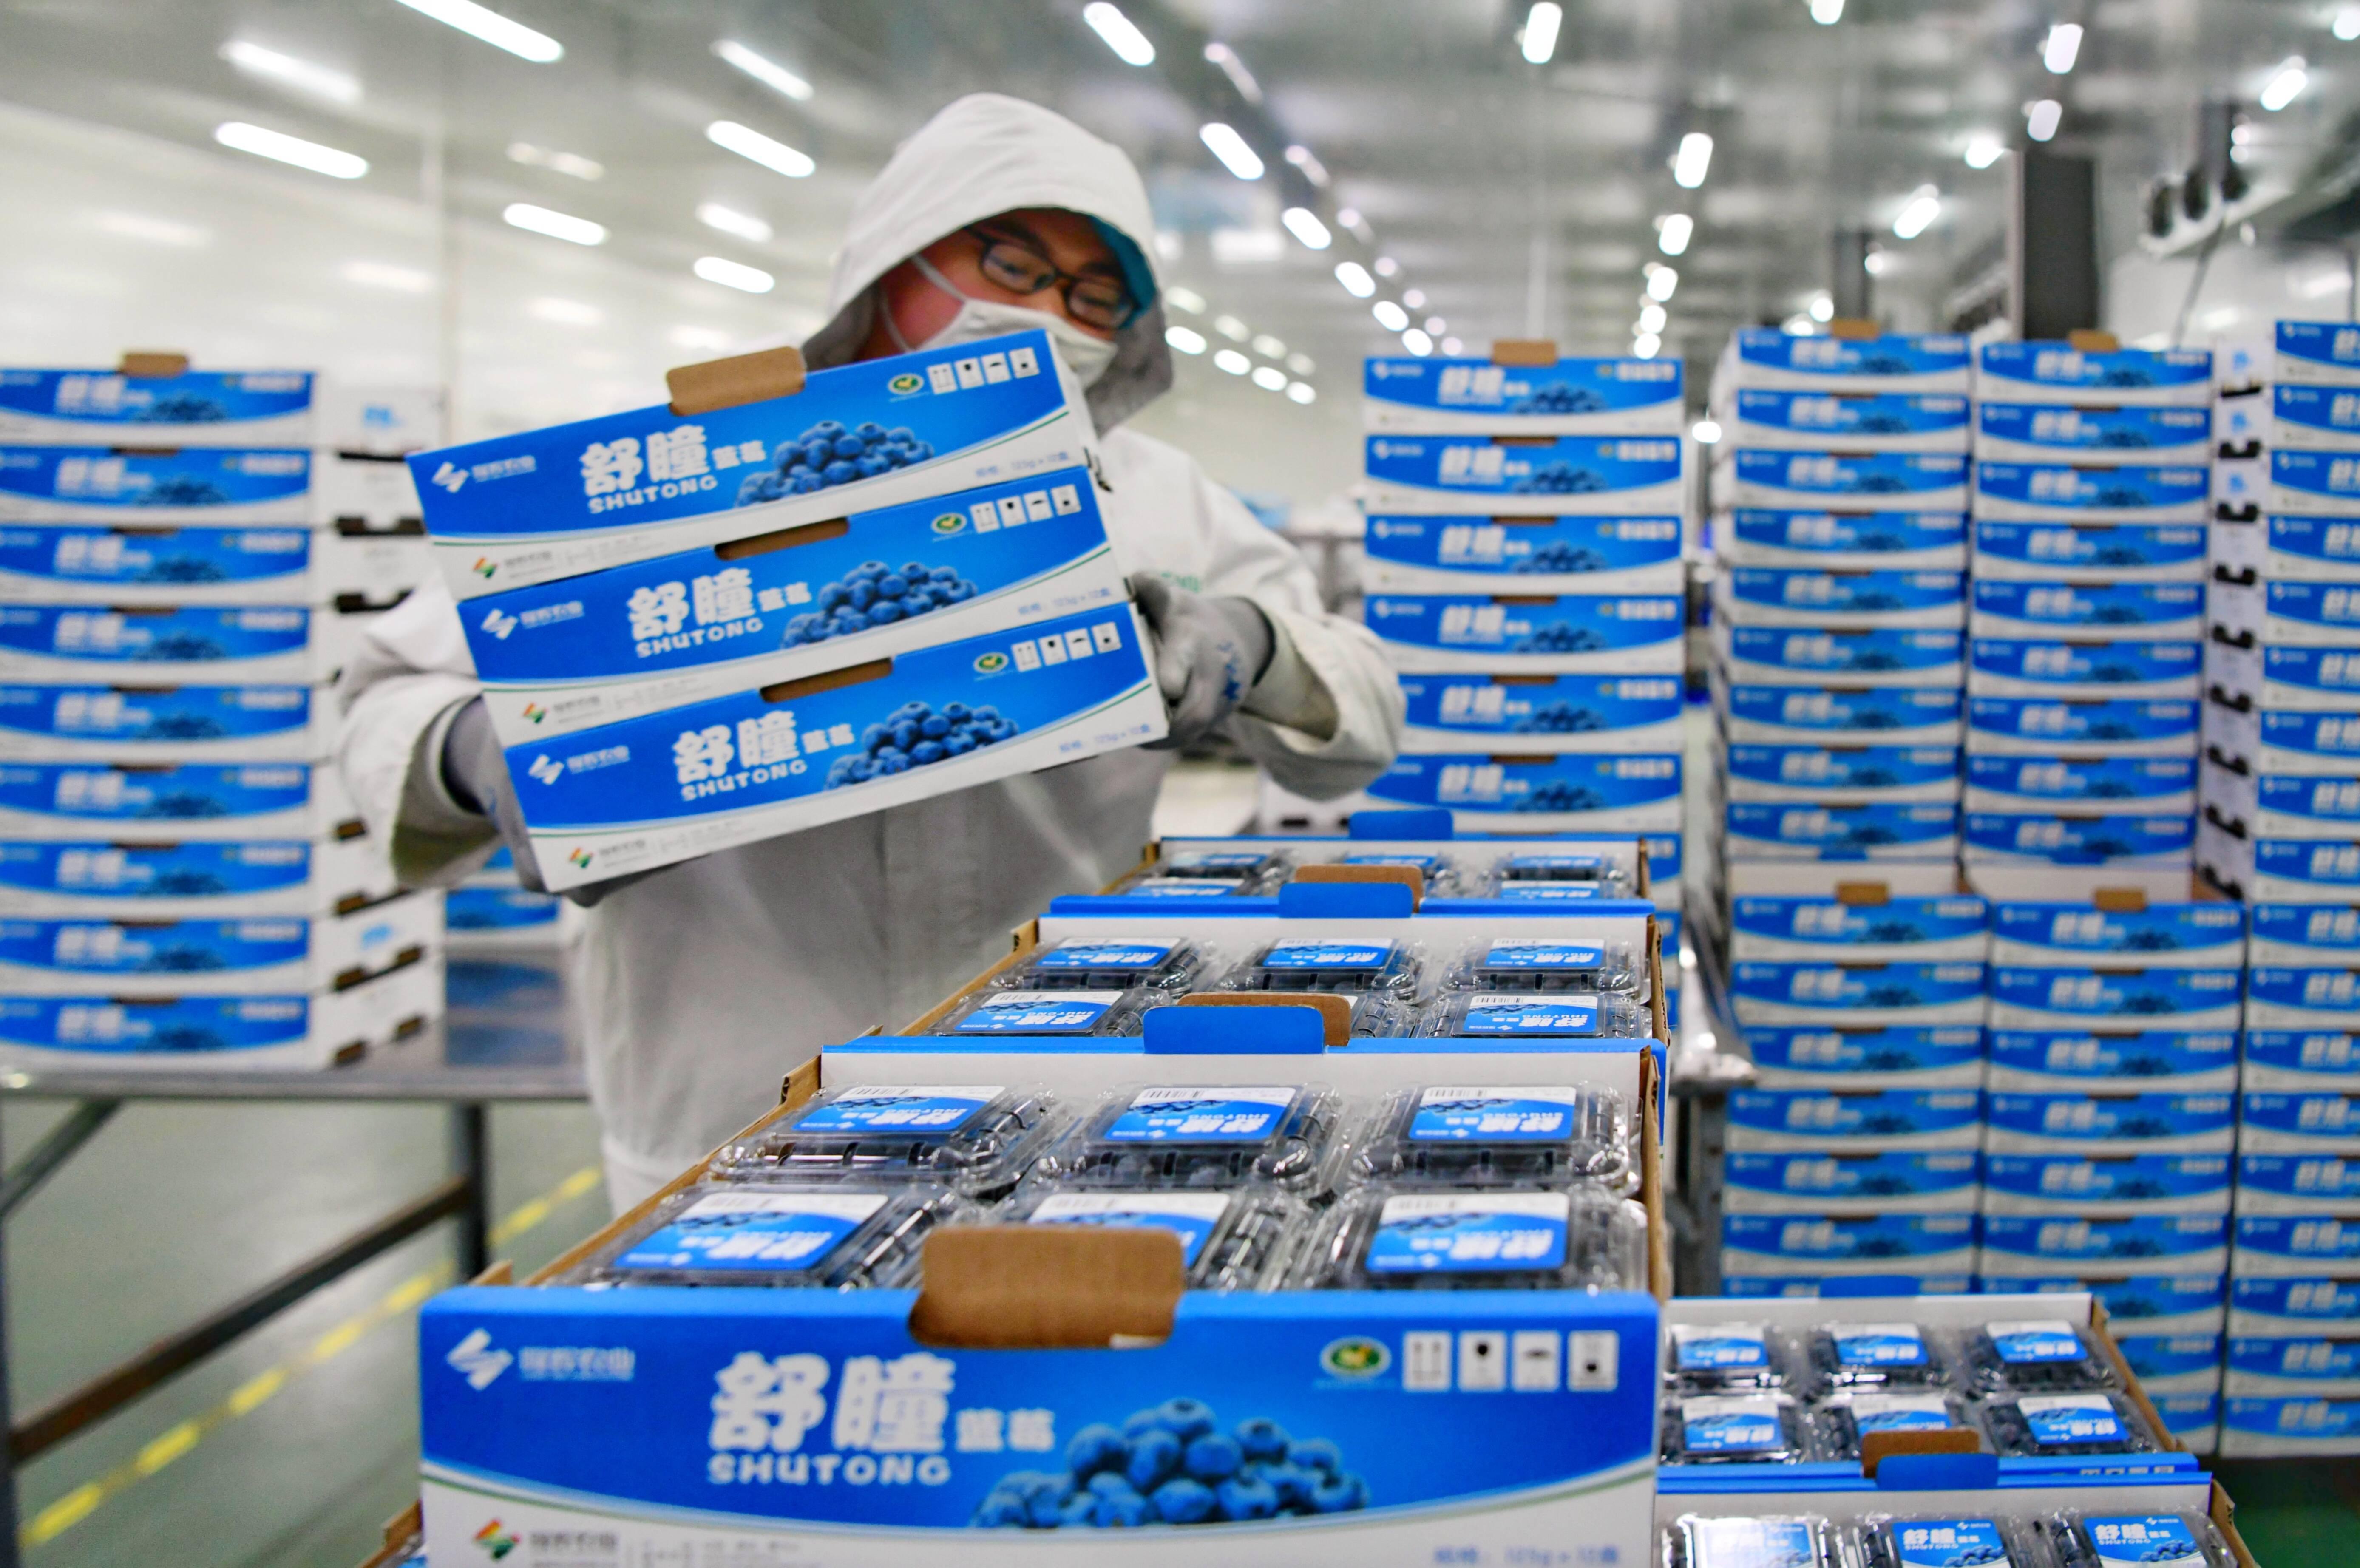 隆辉蓝莓车间中,工作人员整理蓝莓。记者 王雪 摄